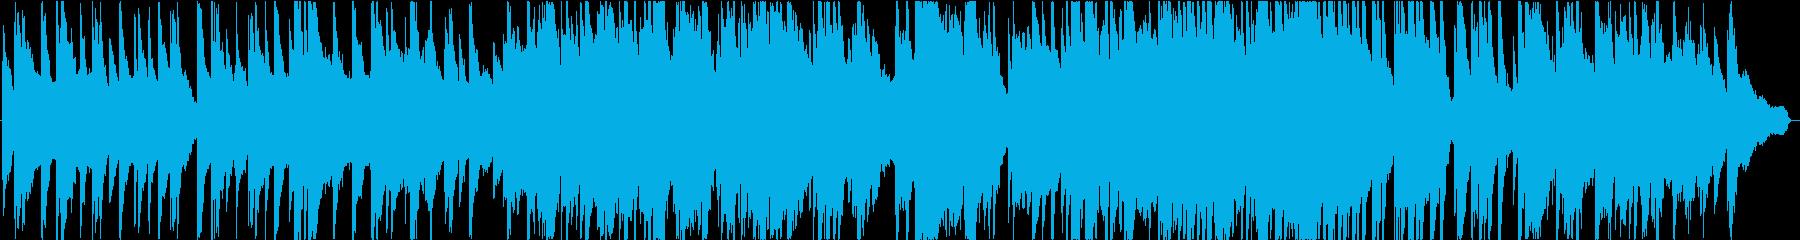 リラックスできるピアノソロ温かいイメージの再生済みの波形